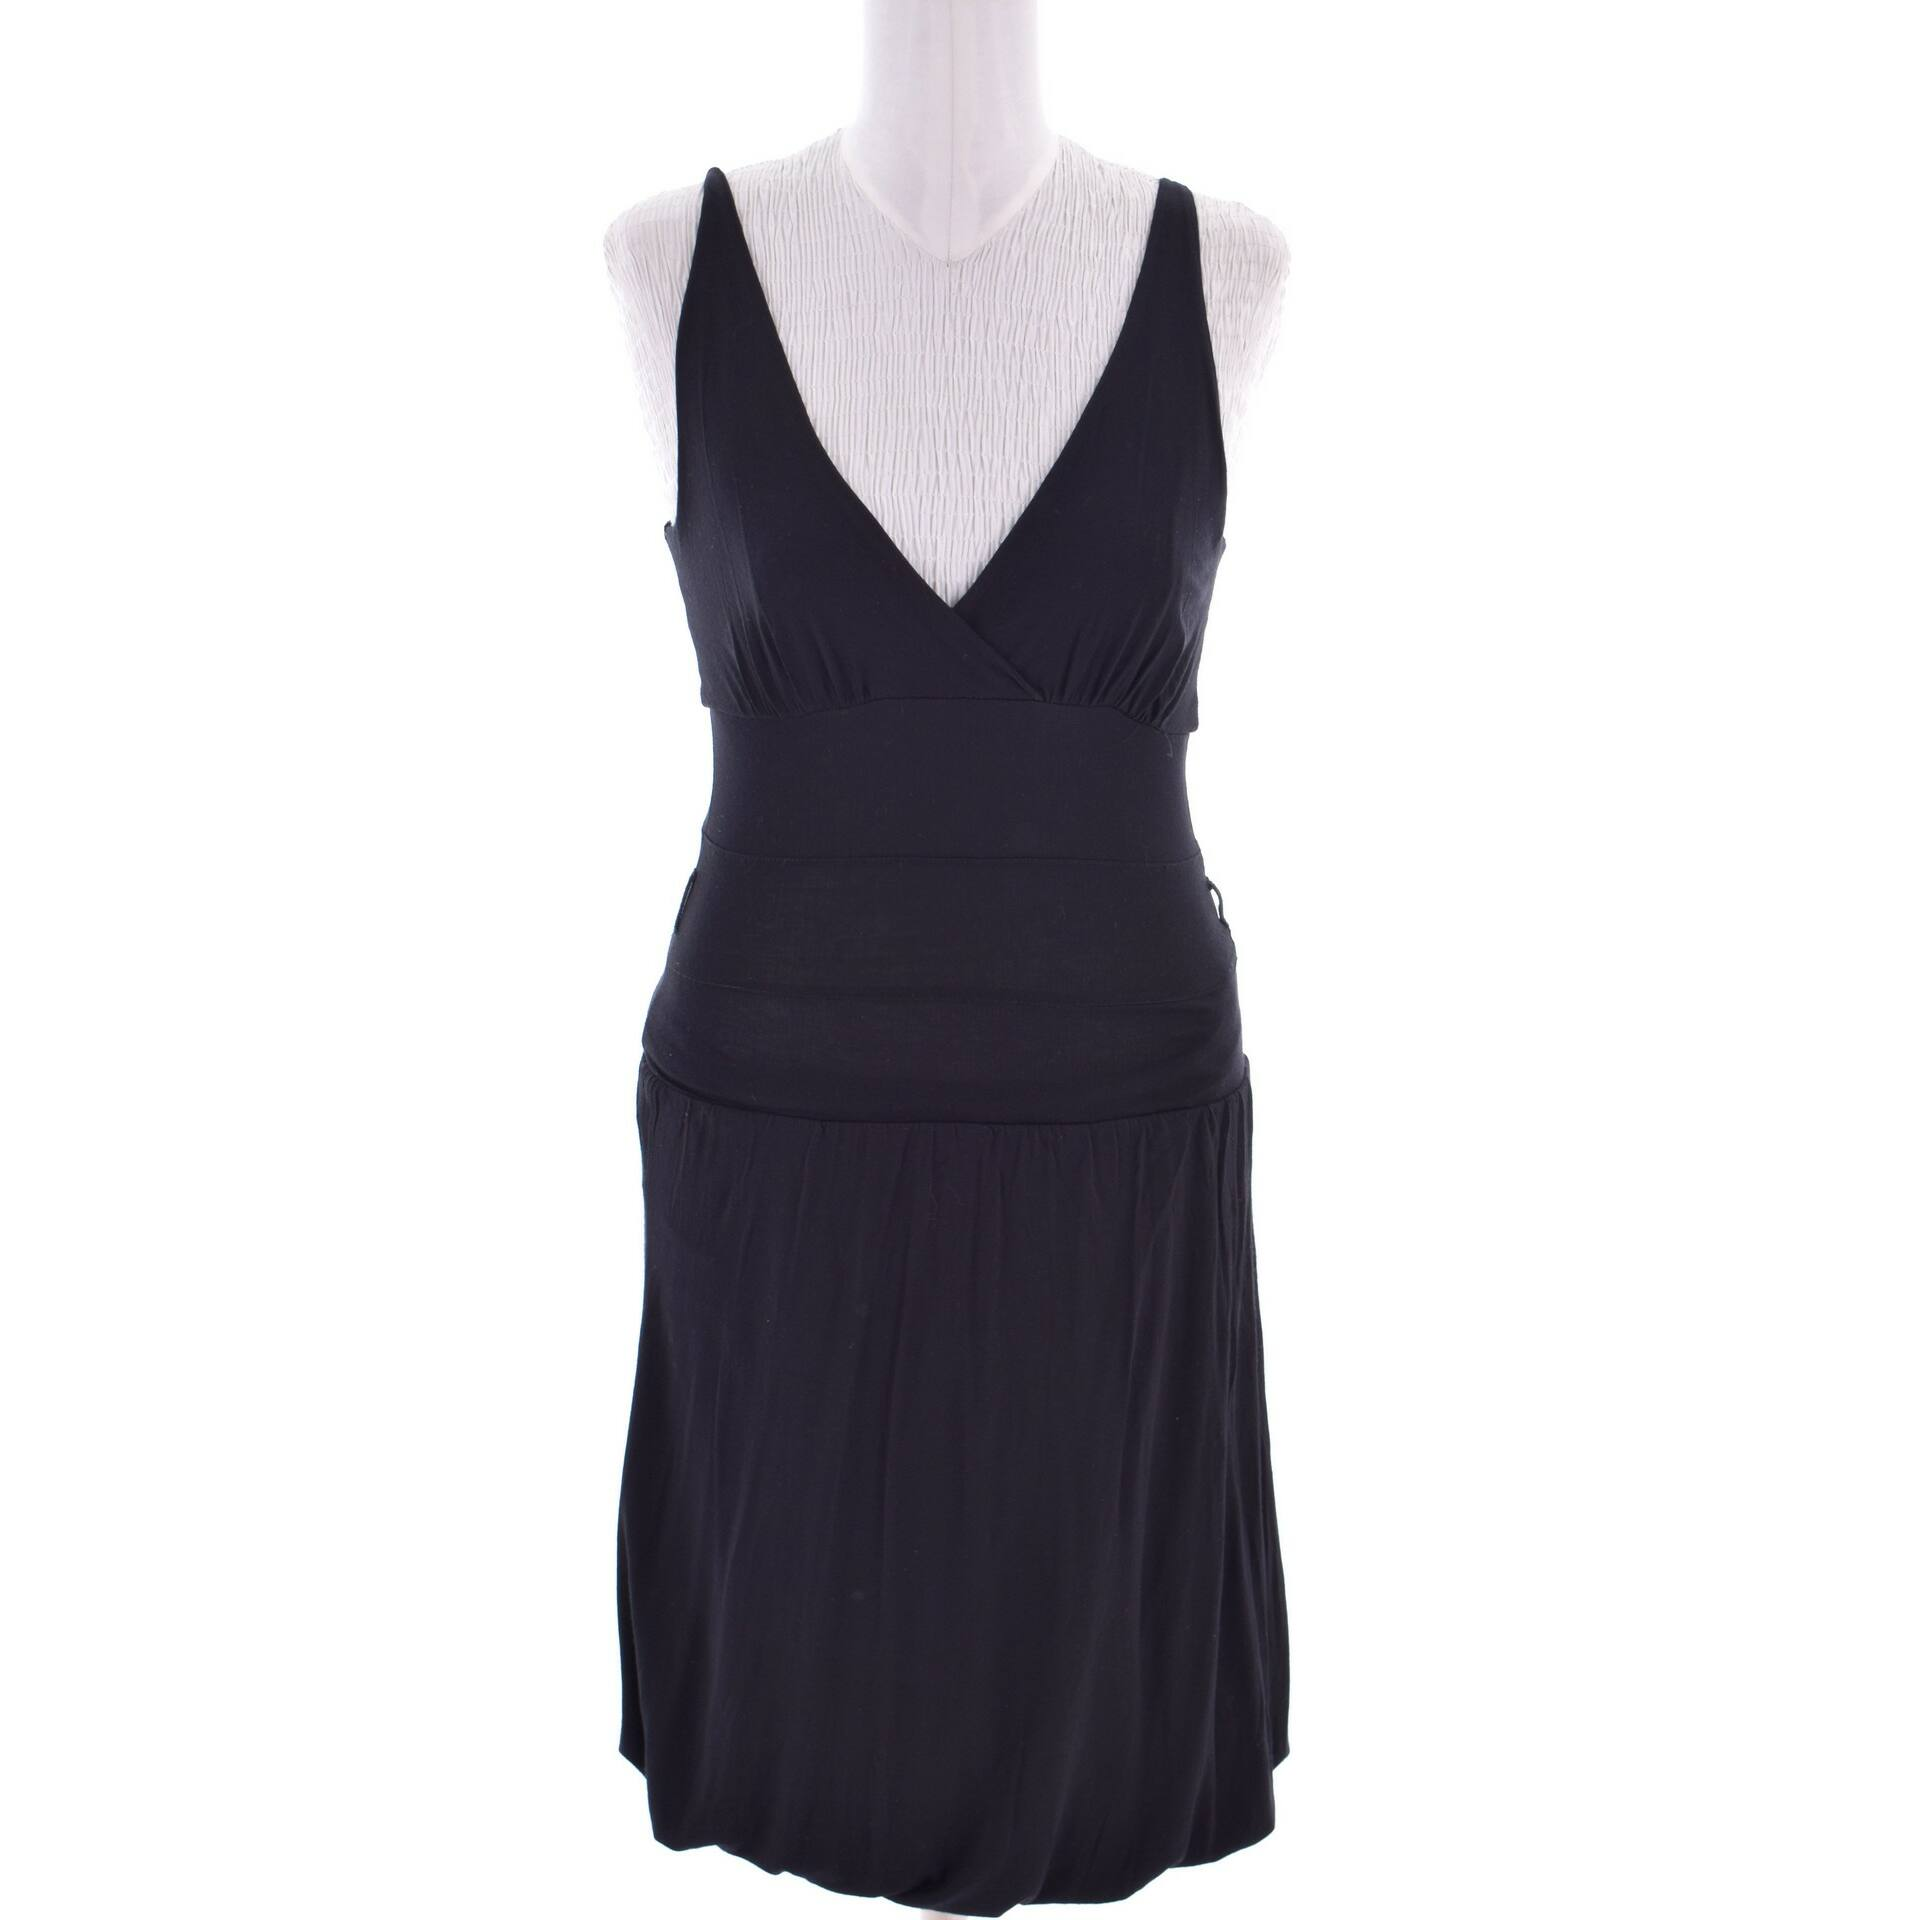 a61b5ed8d Fekete színű ONLY ruha (Méret: M)